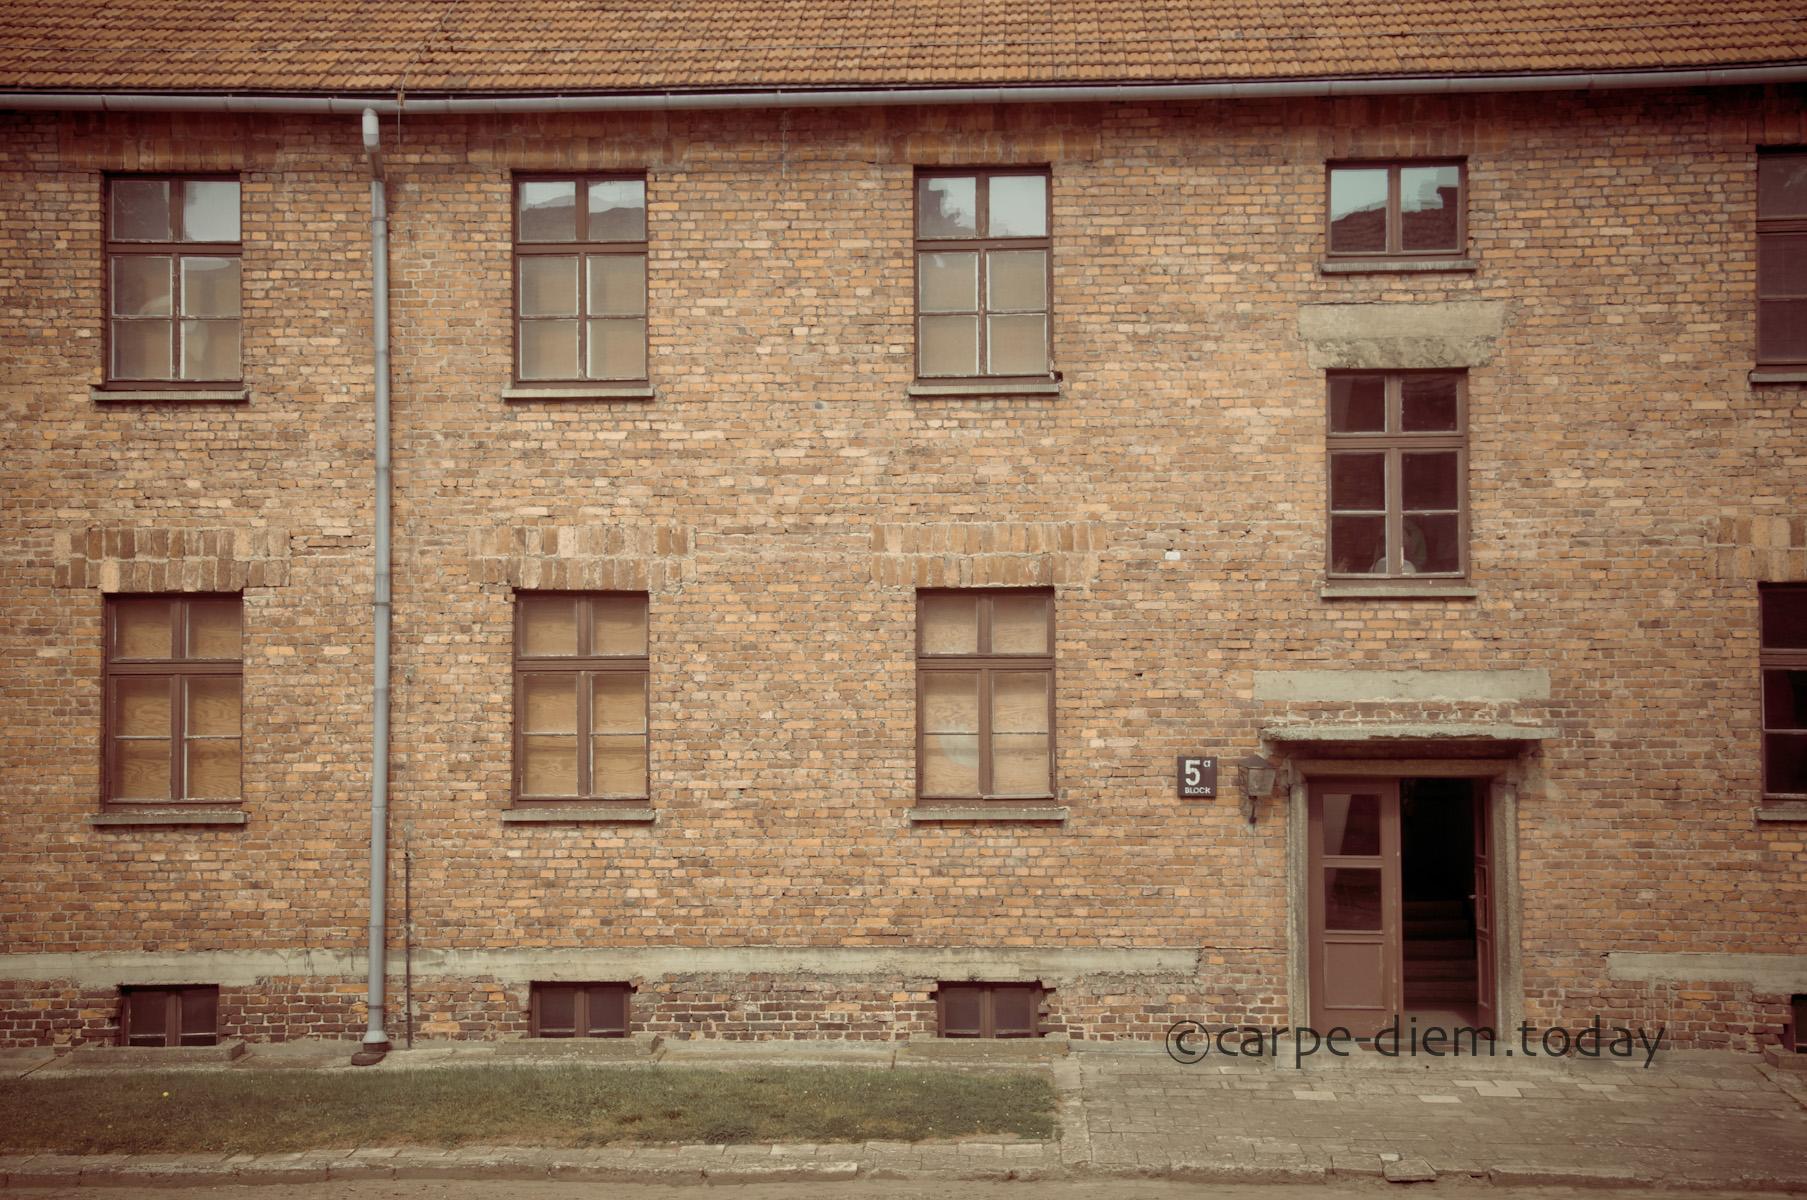 auschwitz-5.jpg